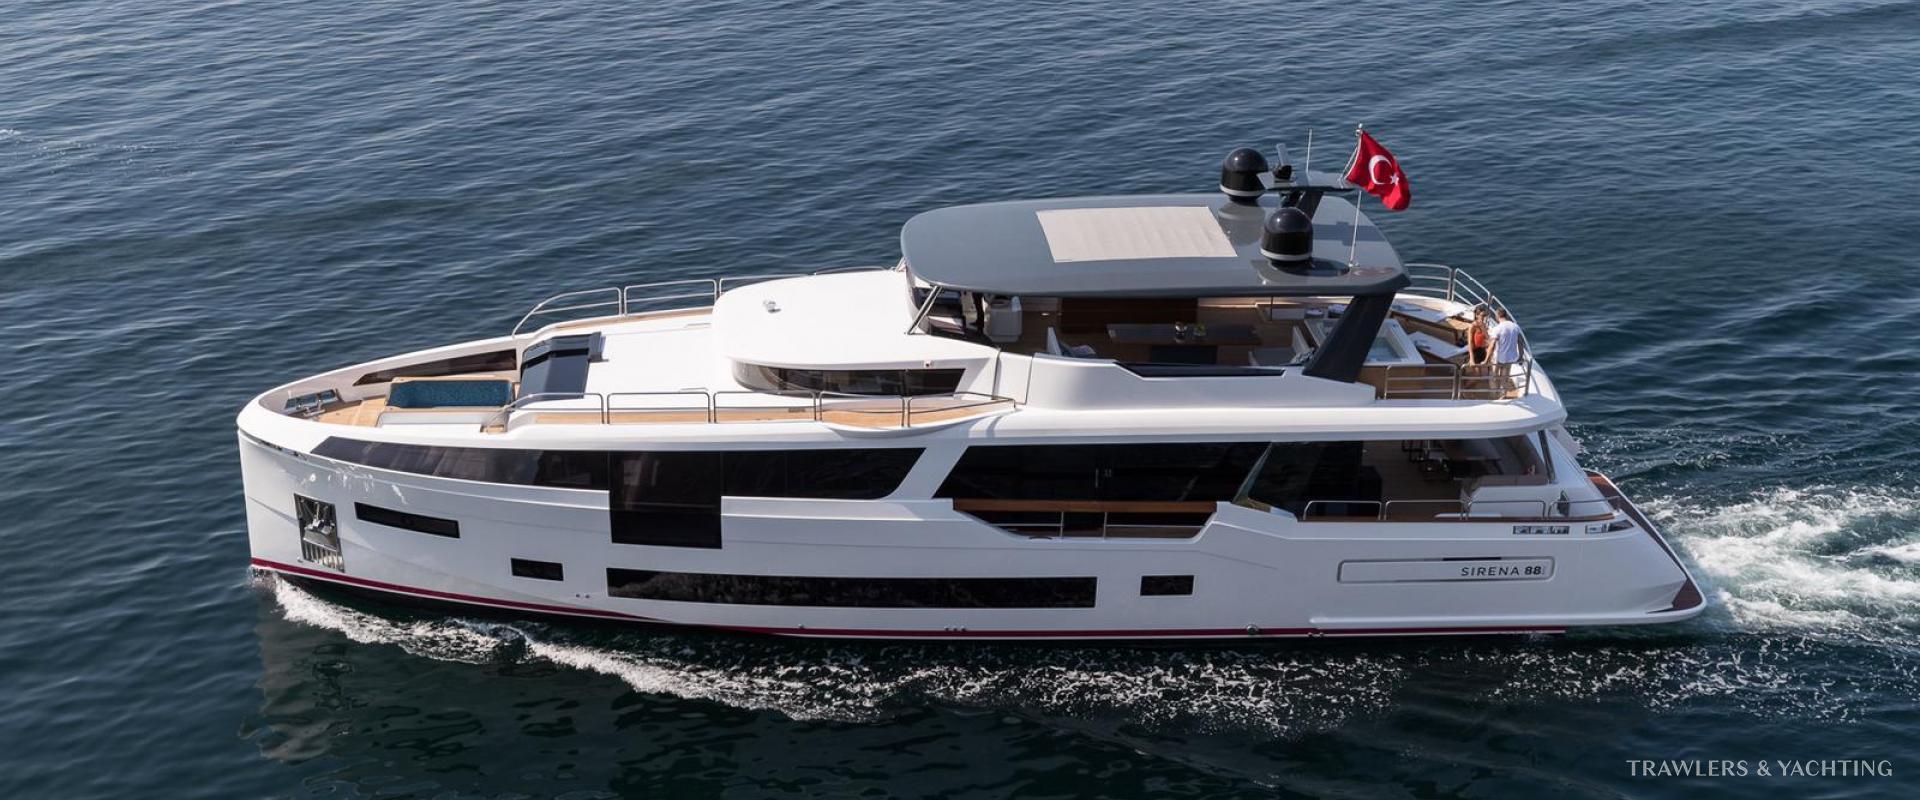 Sirena 88 - Trawlers & Yachting - Mandelieu-la-Napoule (06)